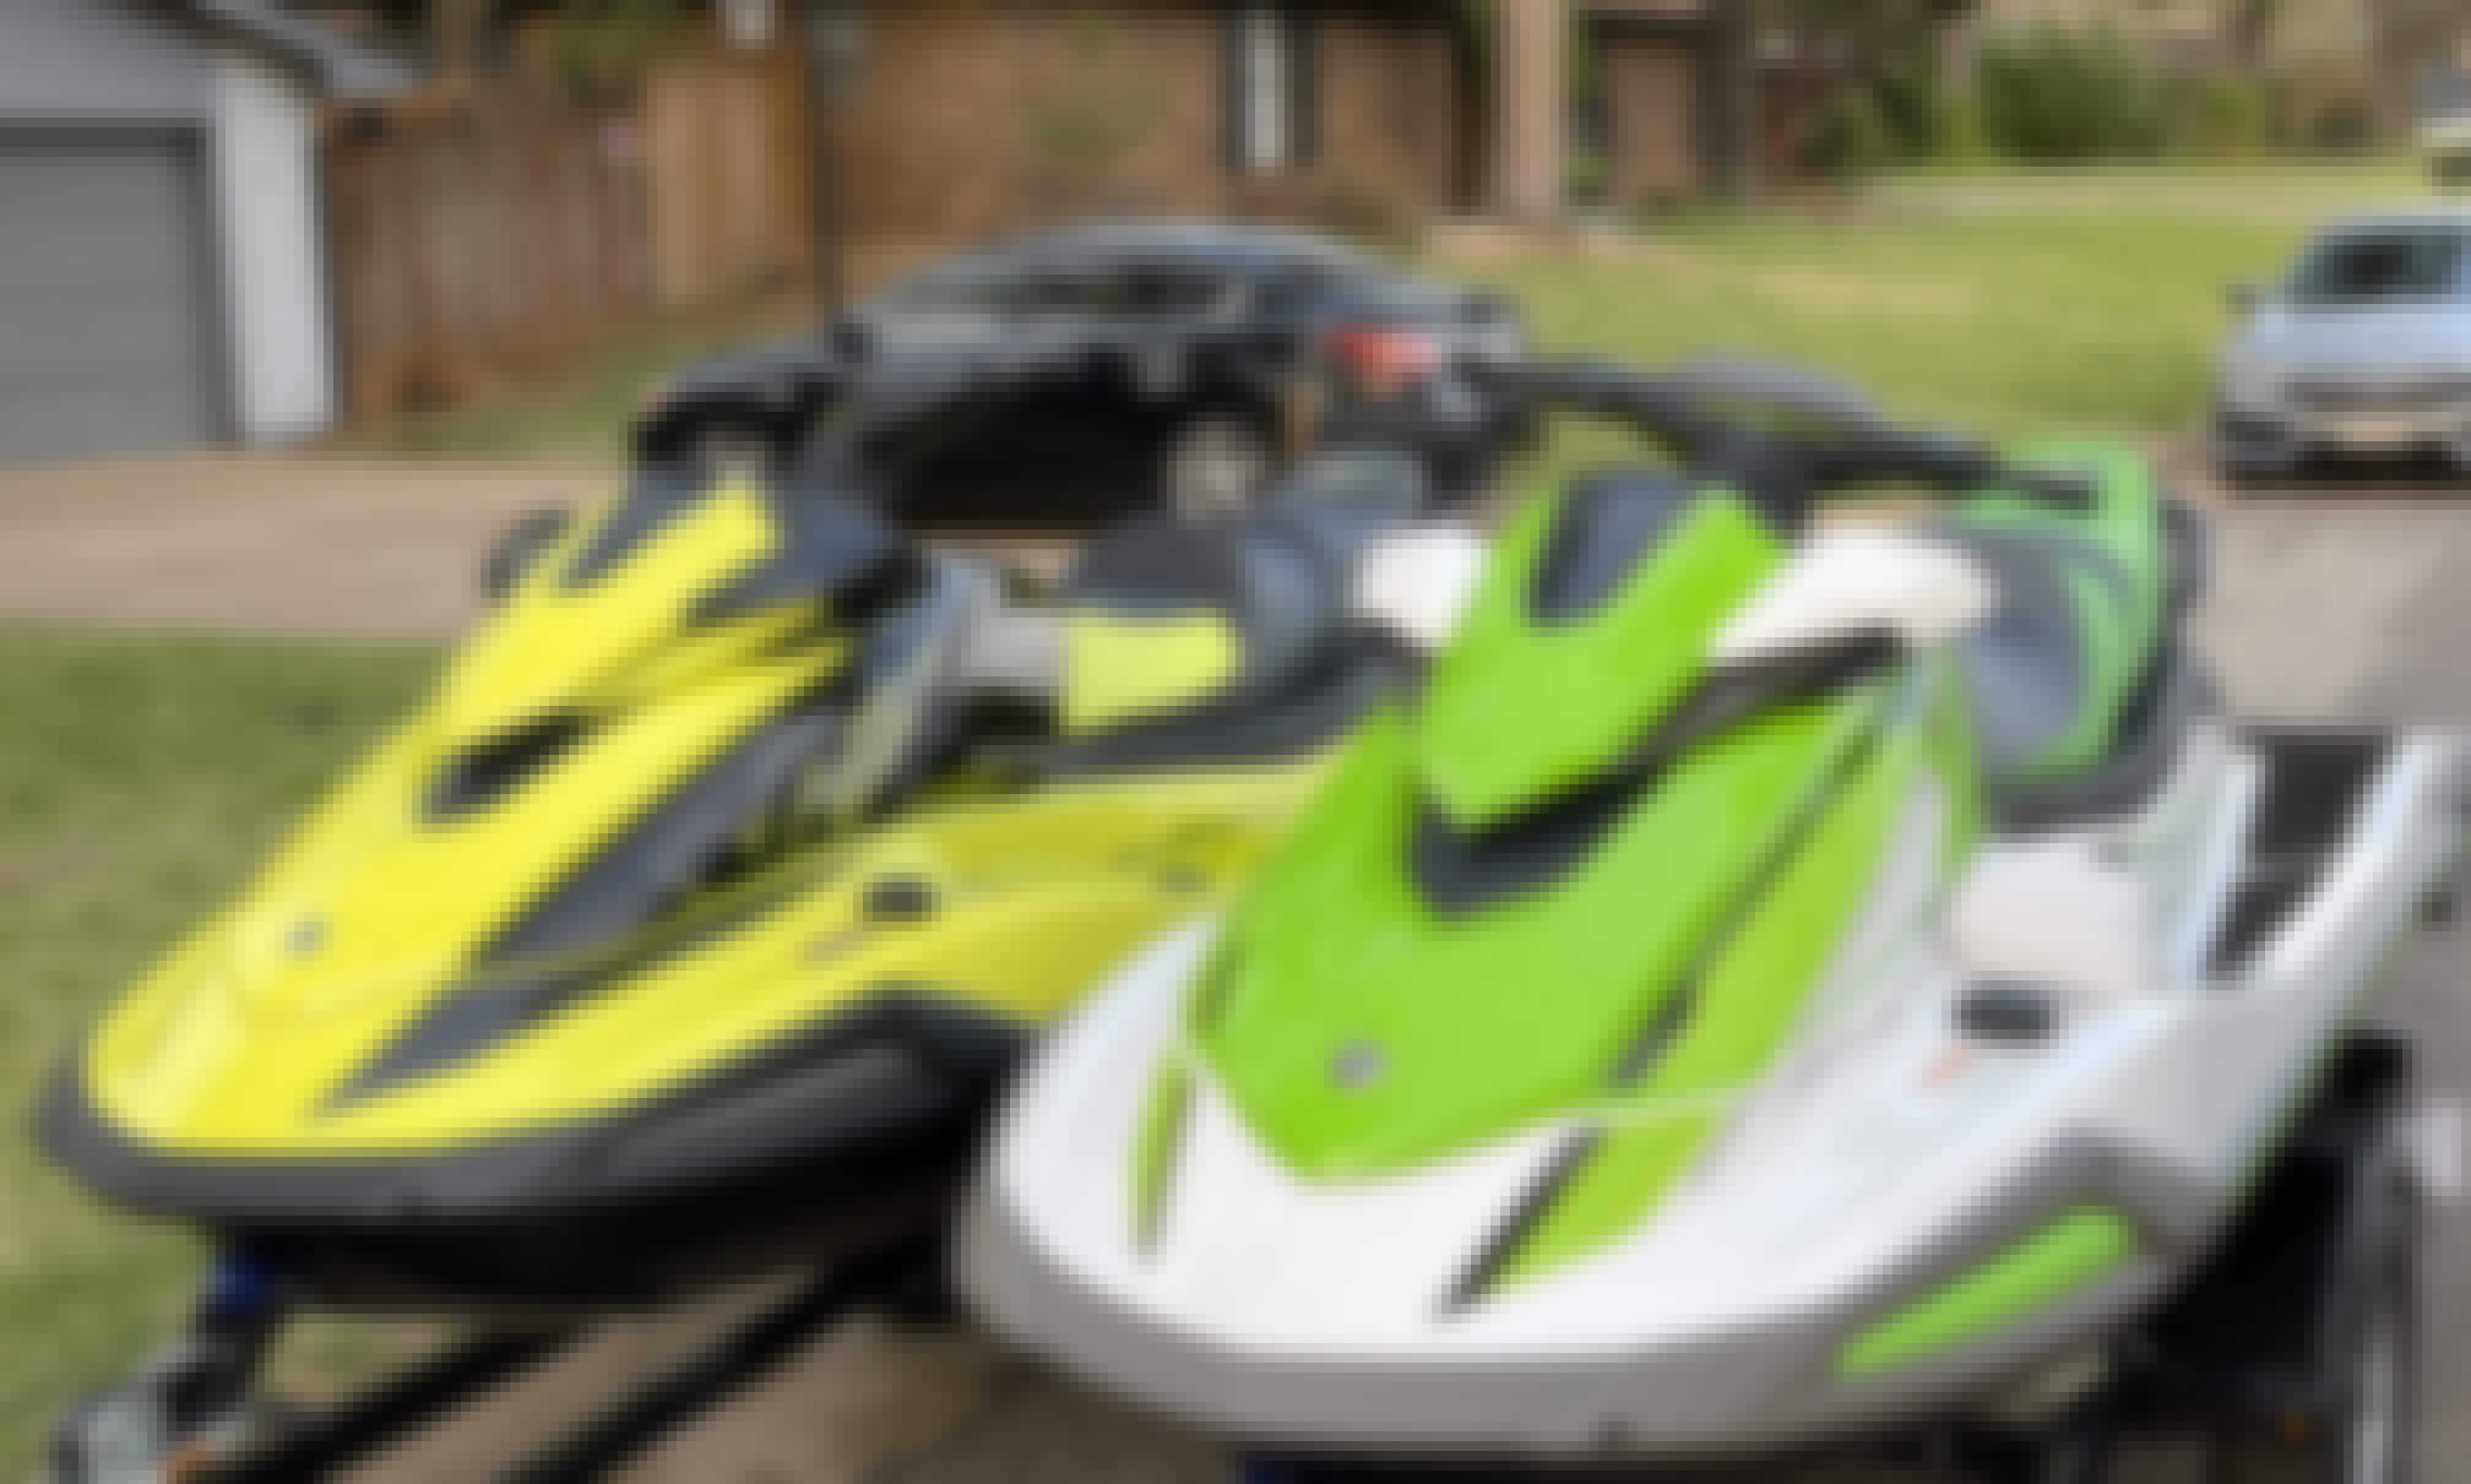 2021 Yamaha Waverunner Jet Skis For Rent x 2 | Lake Tawakoni